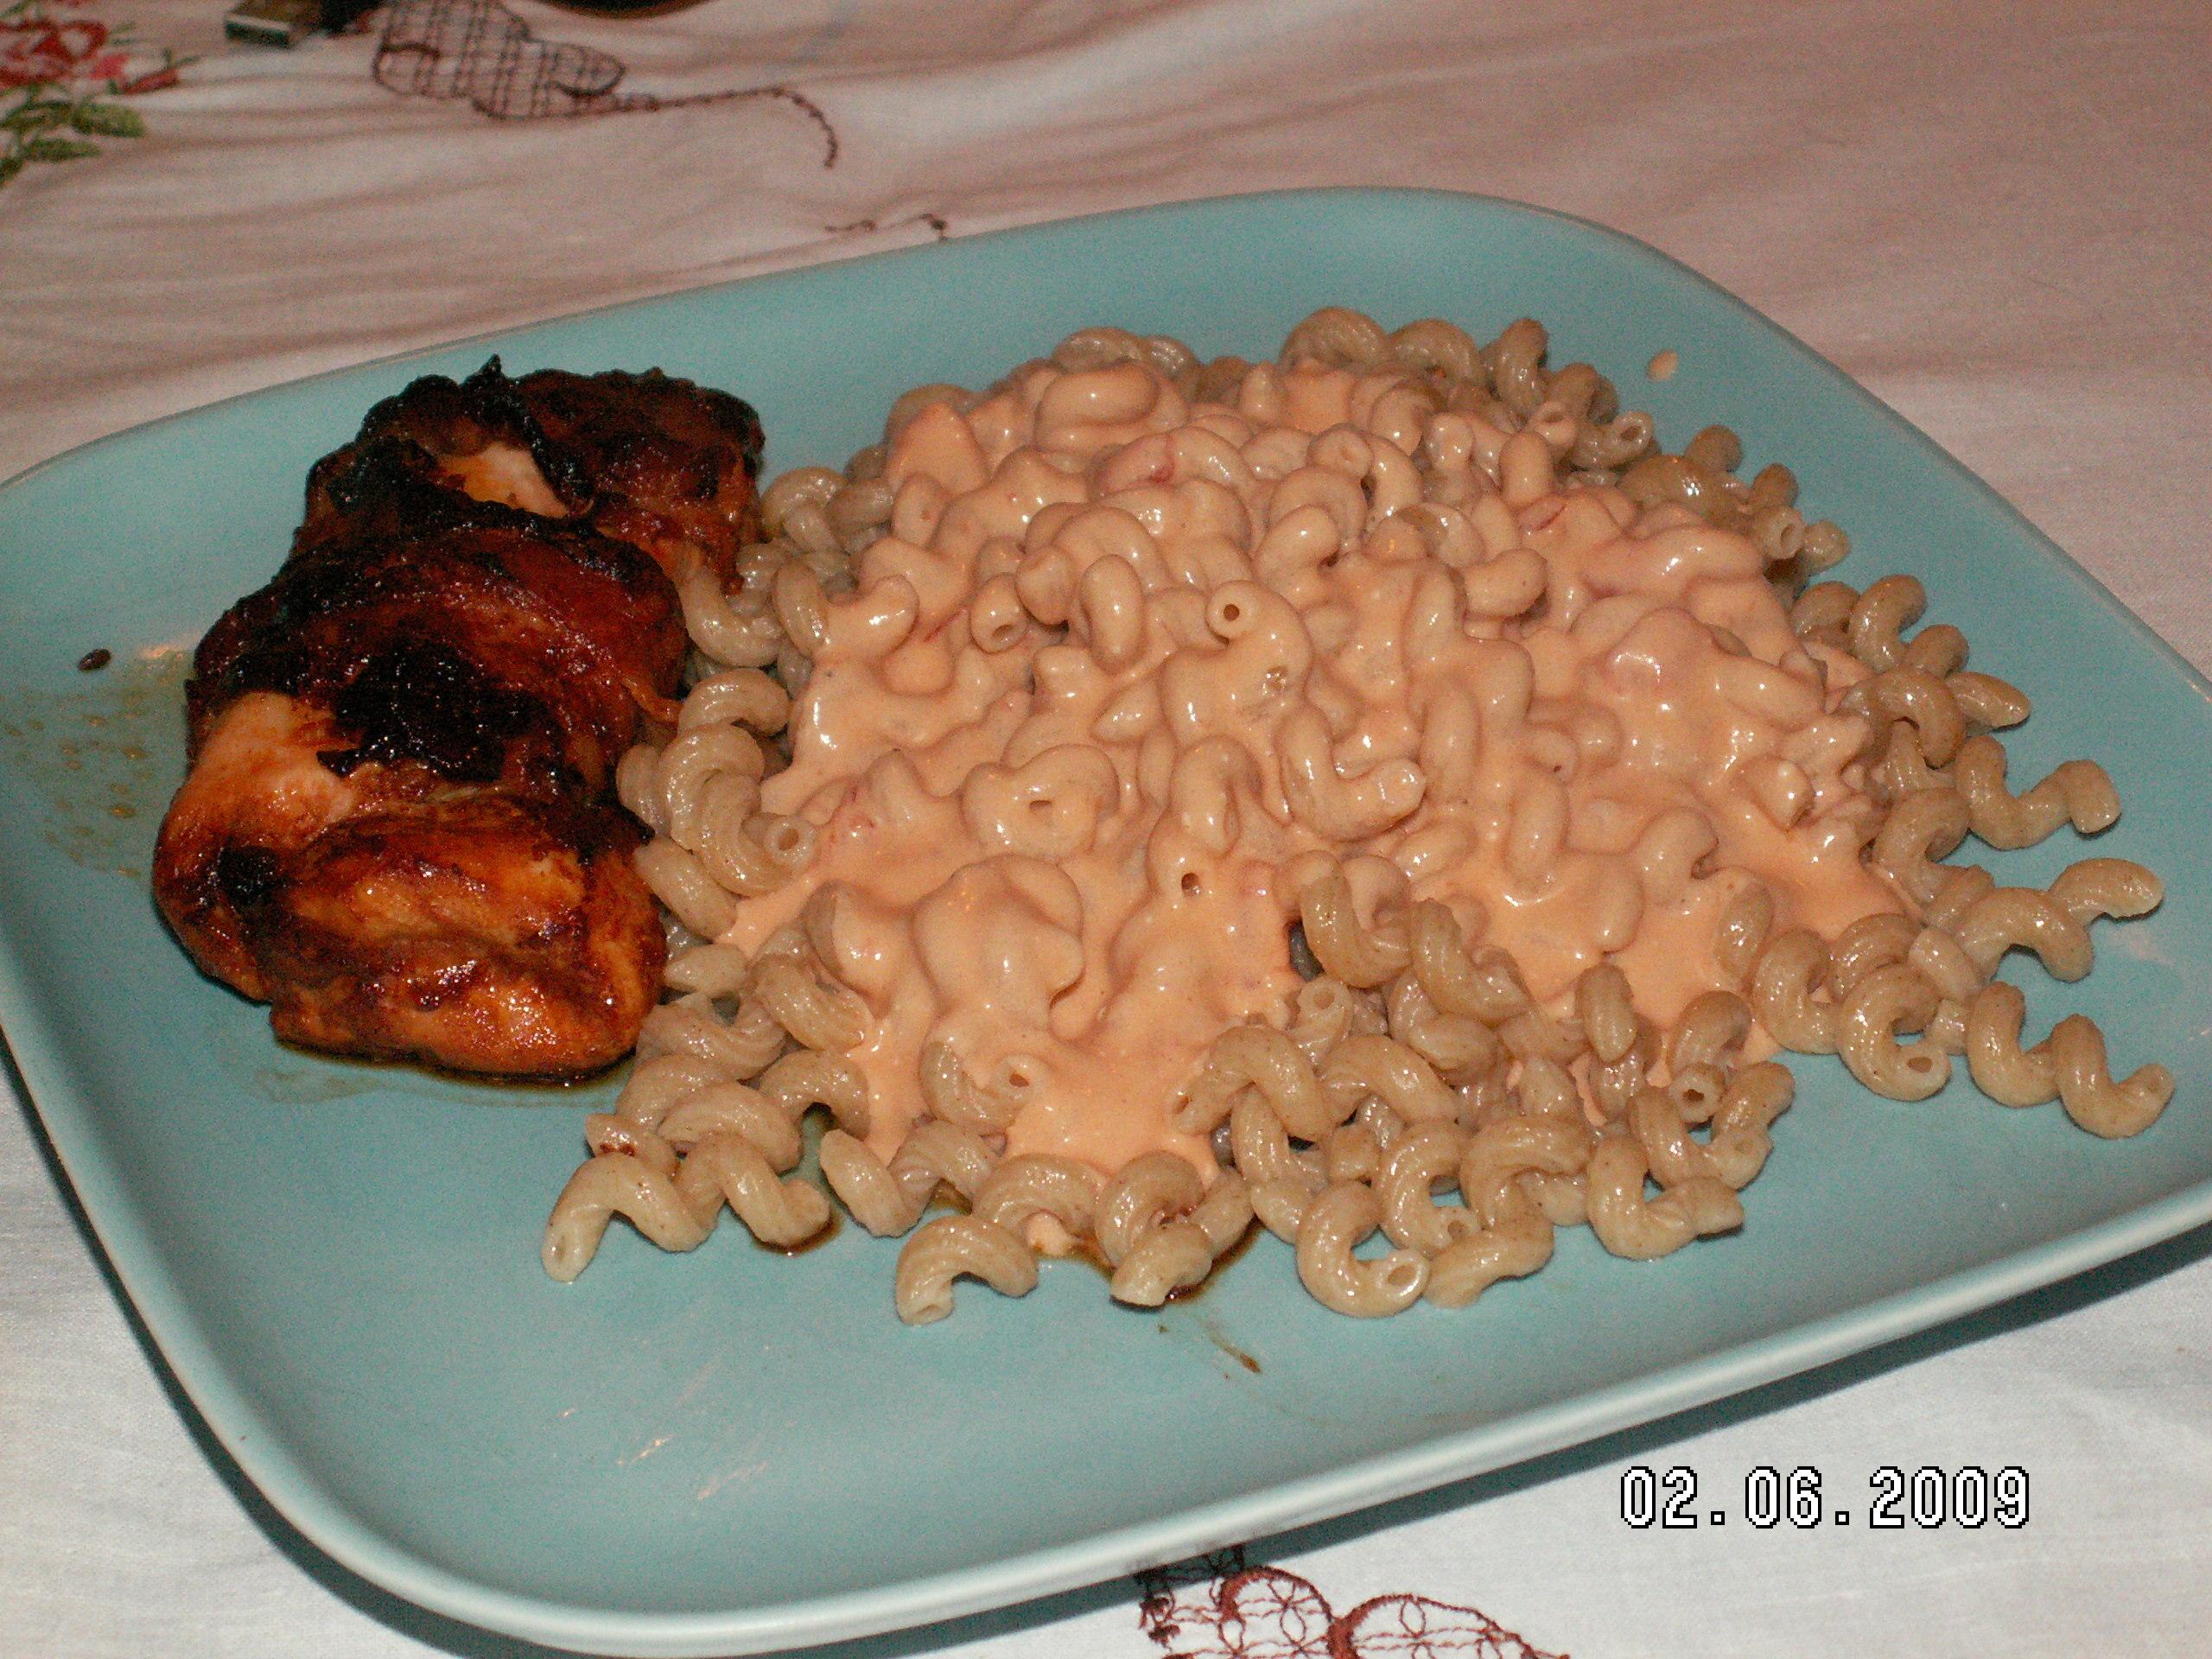 Baconlindad kycklingfilé